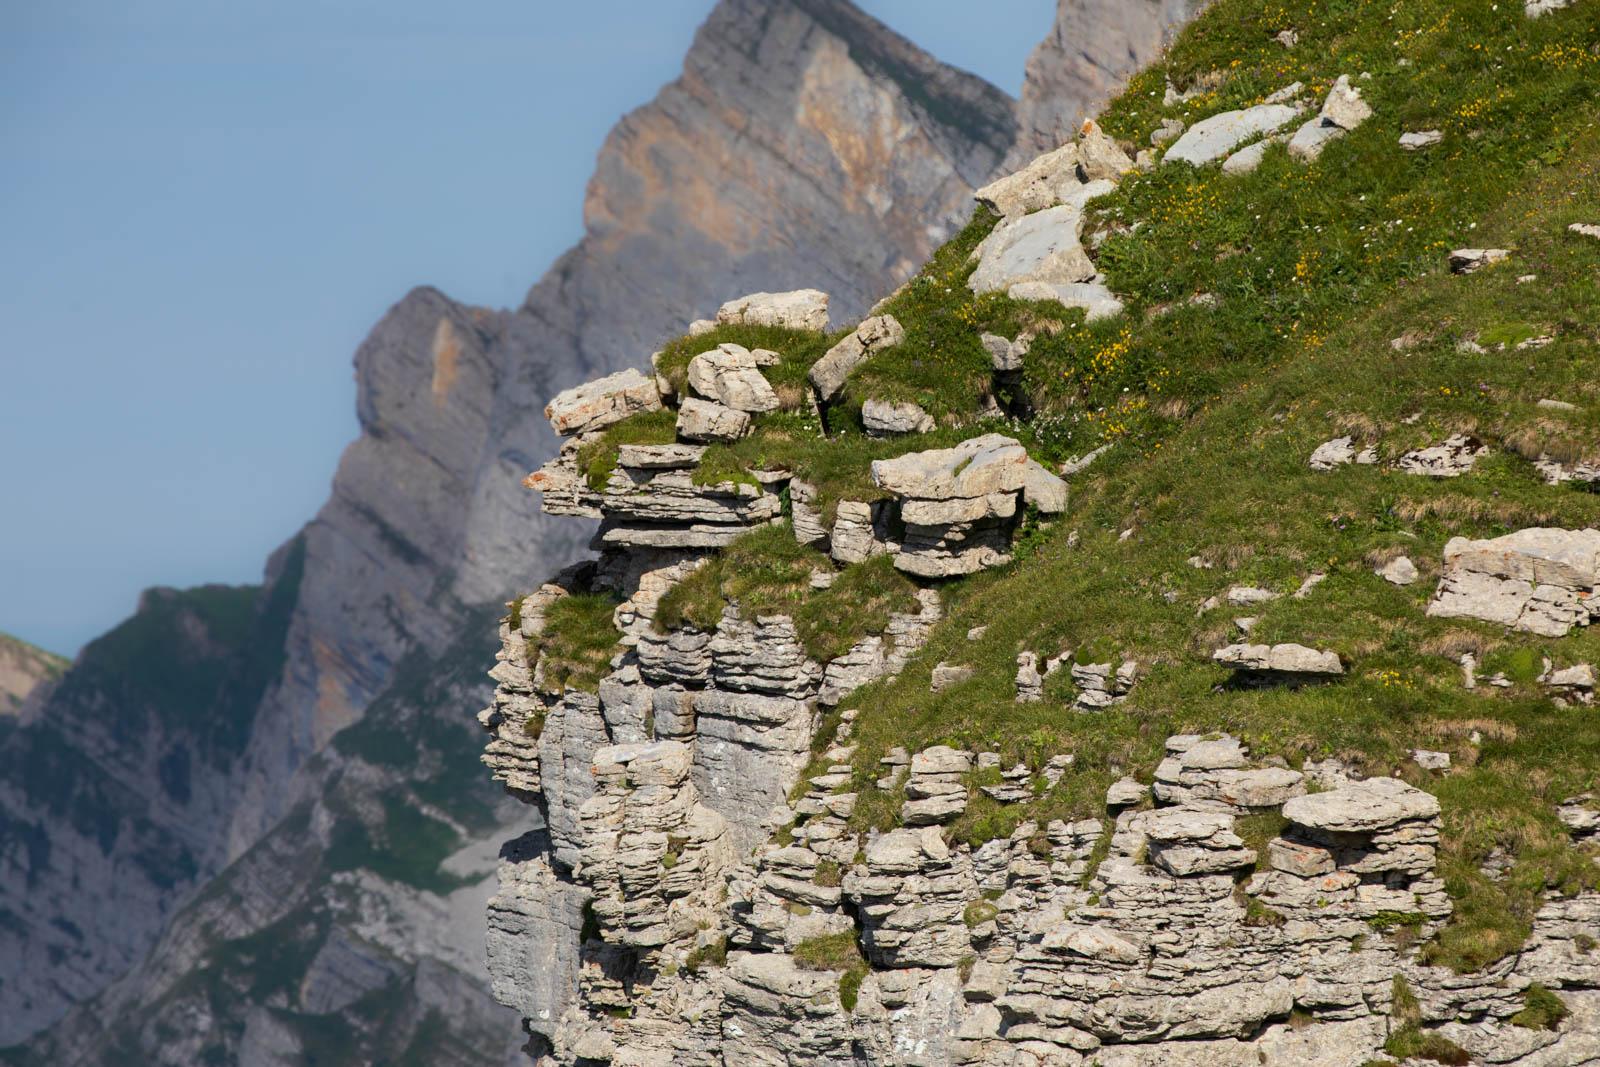 Der Kalkstein der Churfirsten verwittert in interessanten Schichten